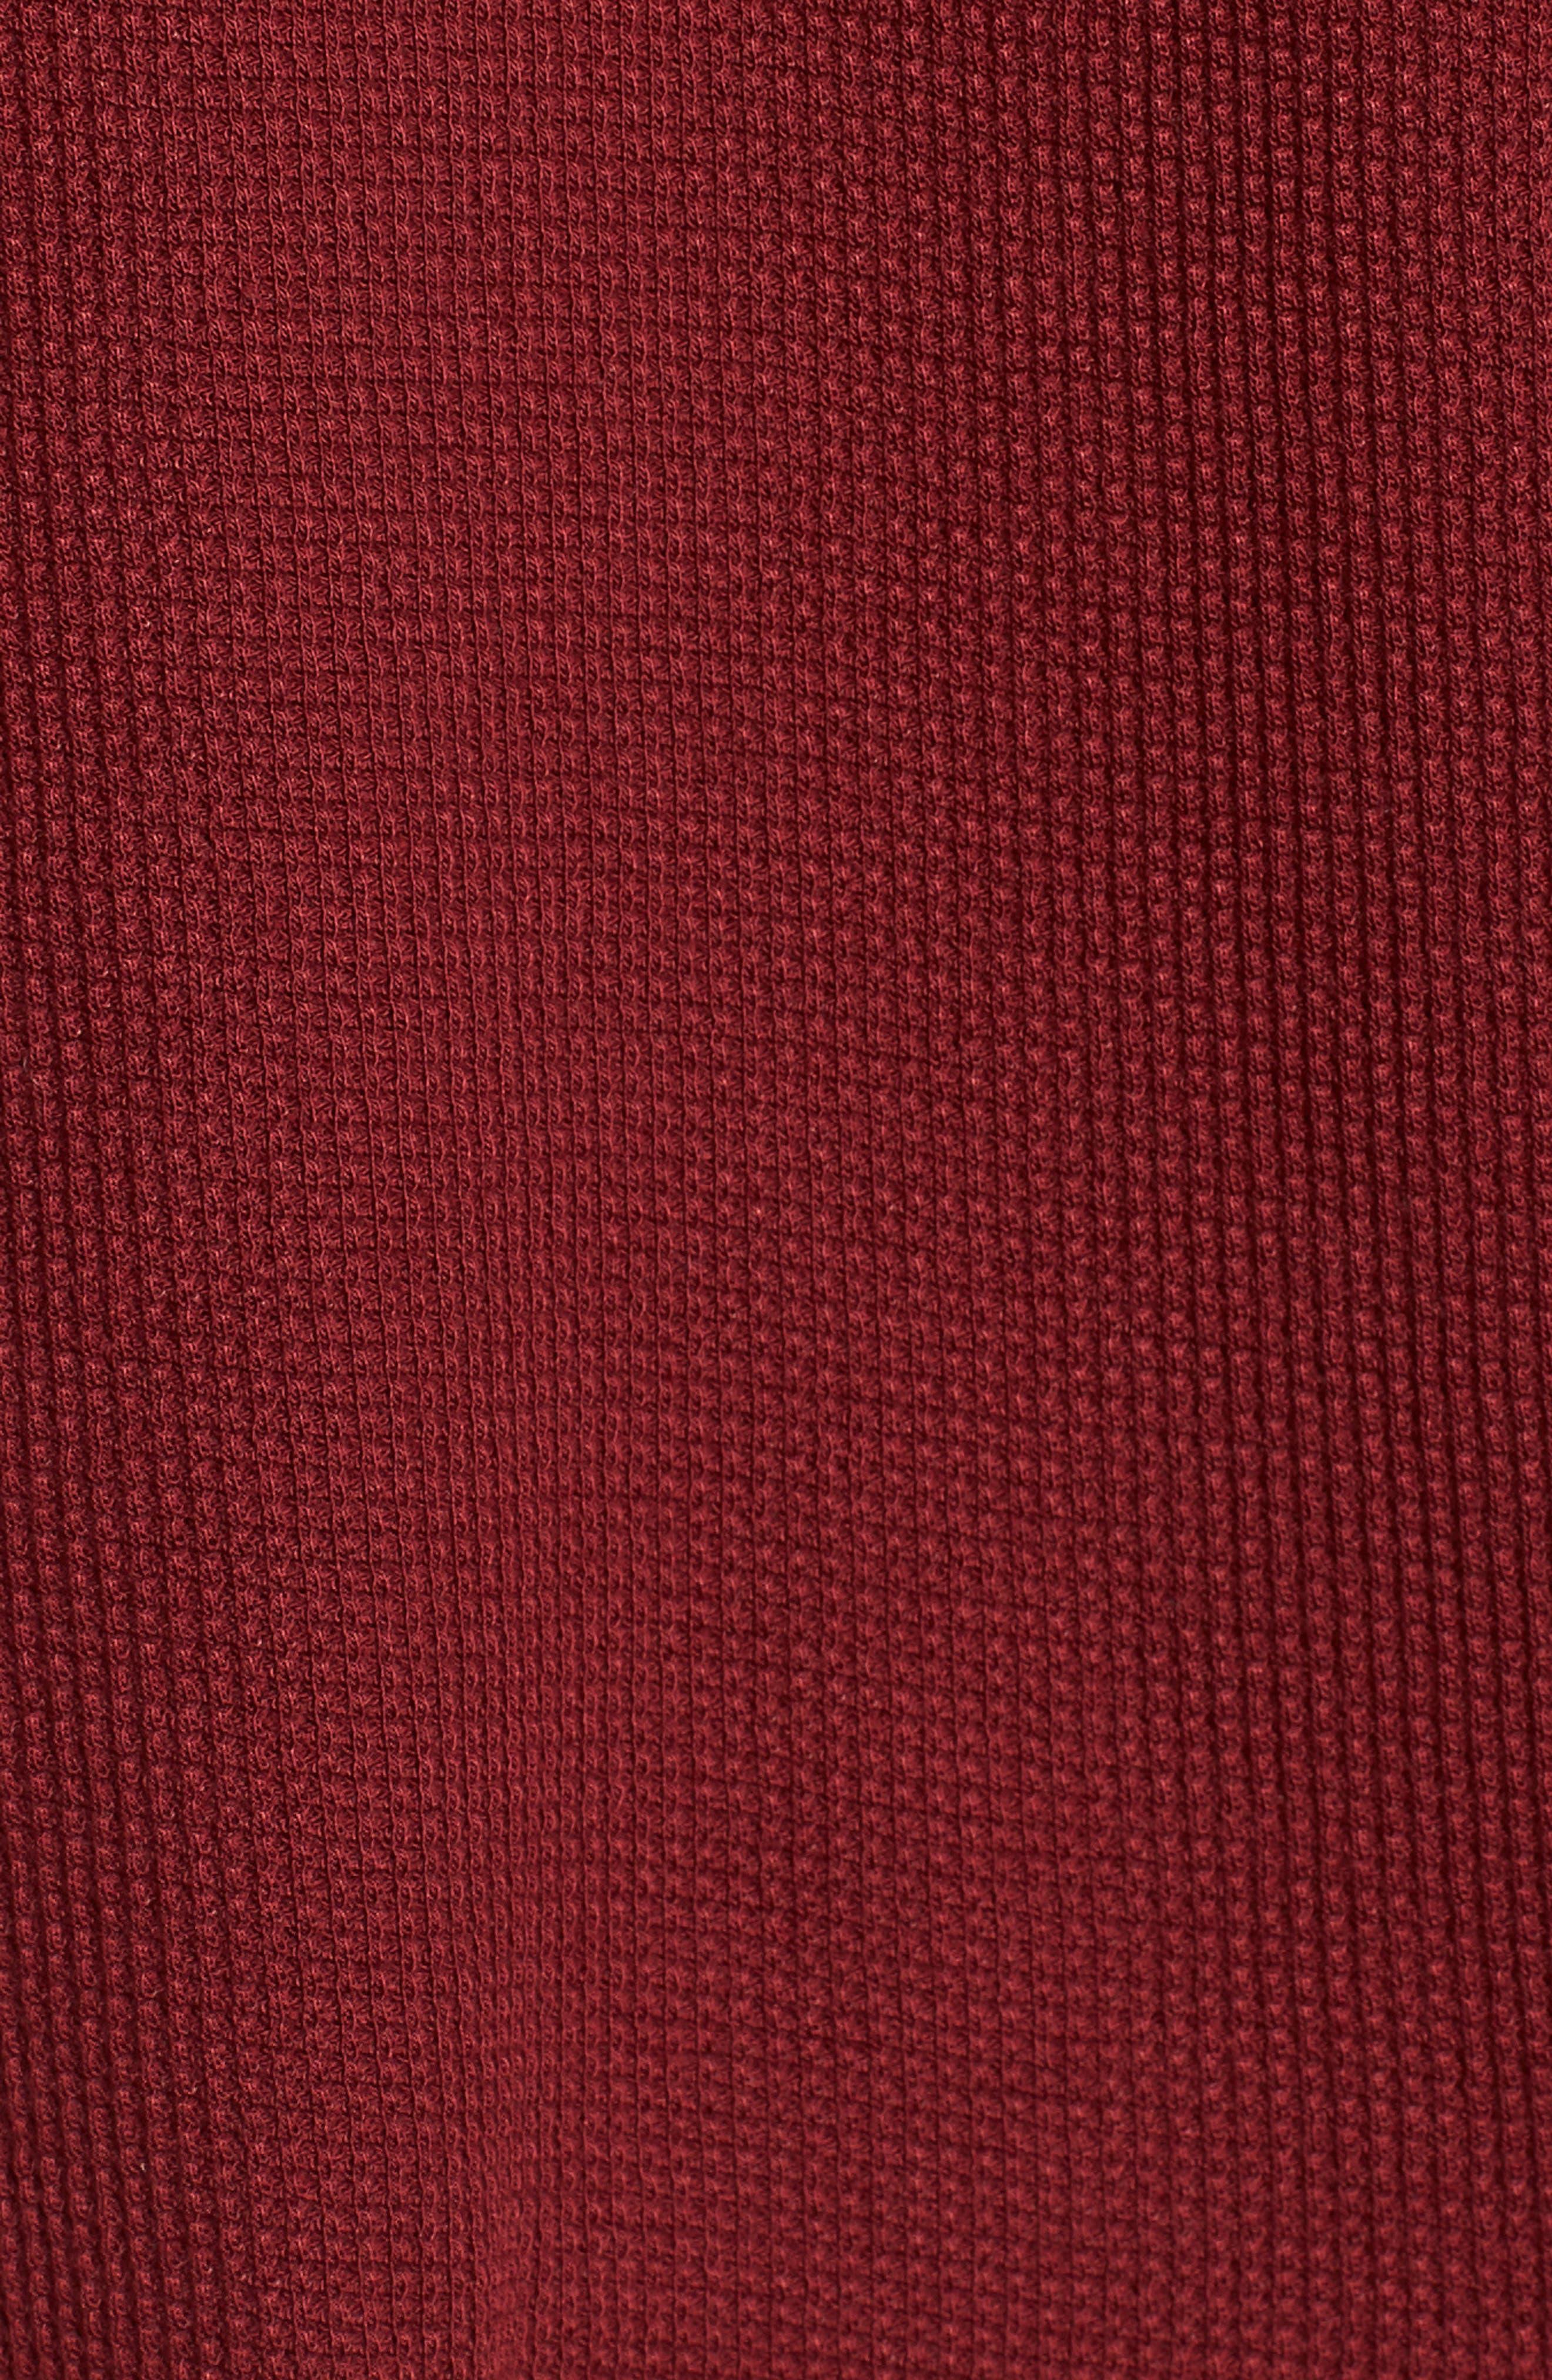 Thermal Crop Hoodie,                             Alternate thumbnail 5, color,                             611